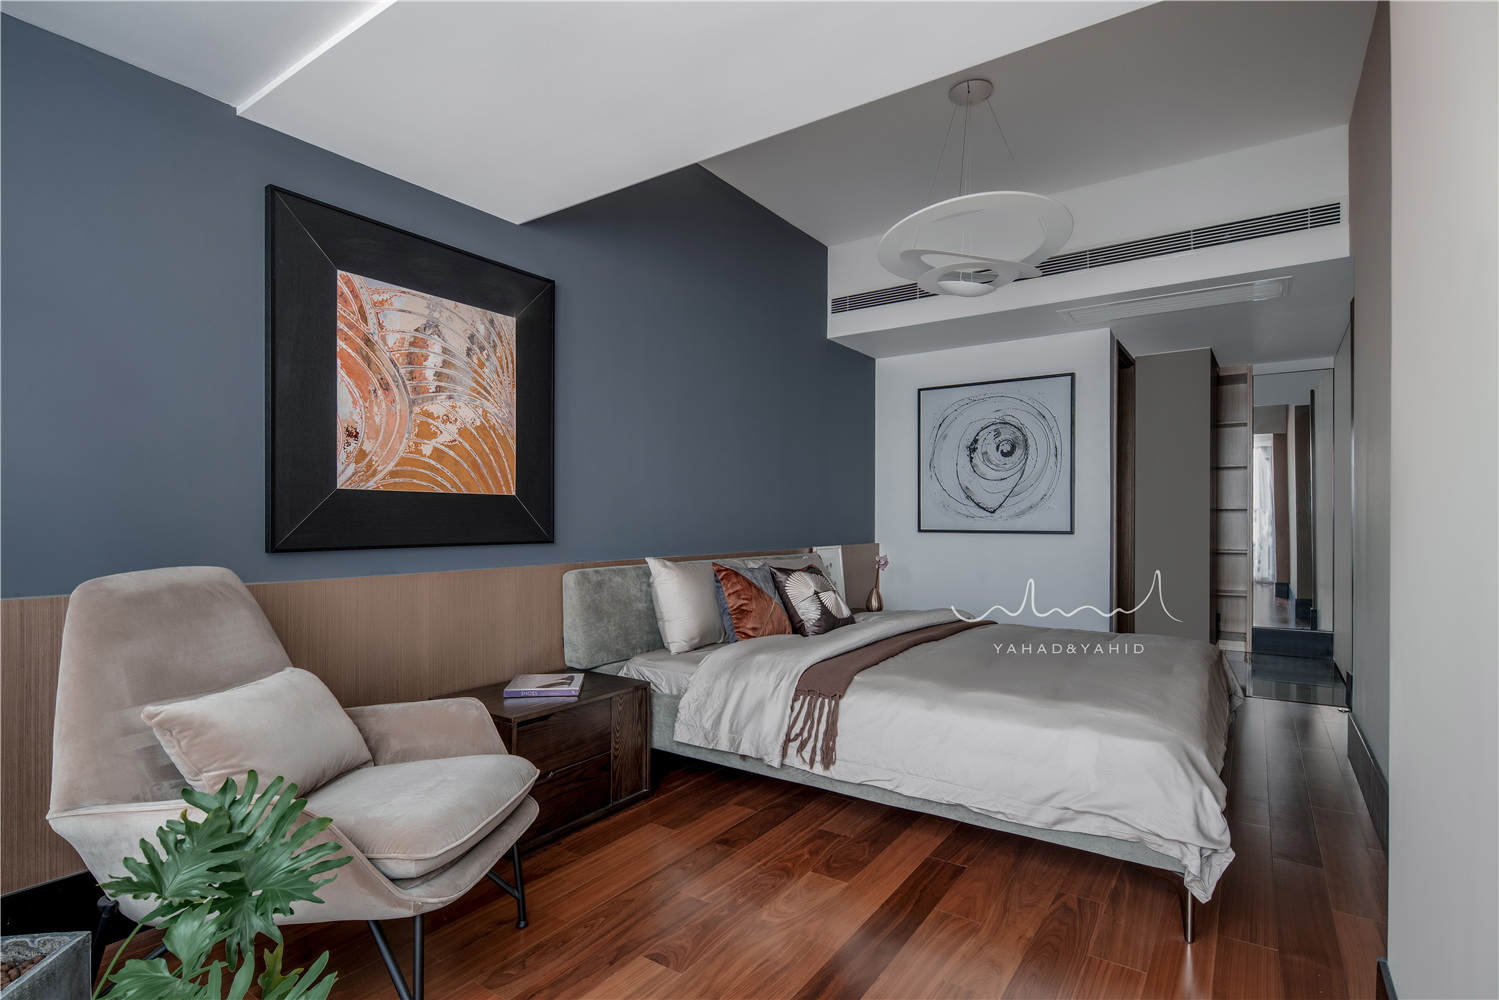 104㎡现代风格卧室装修效果图